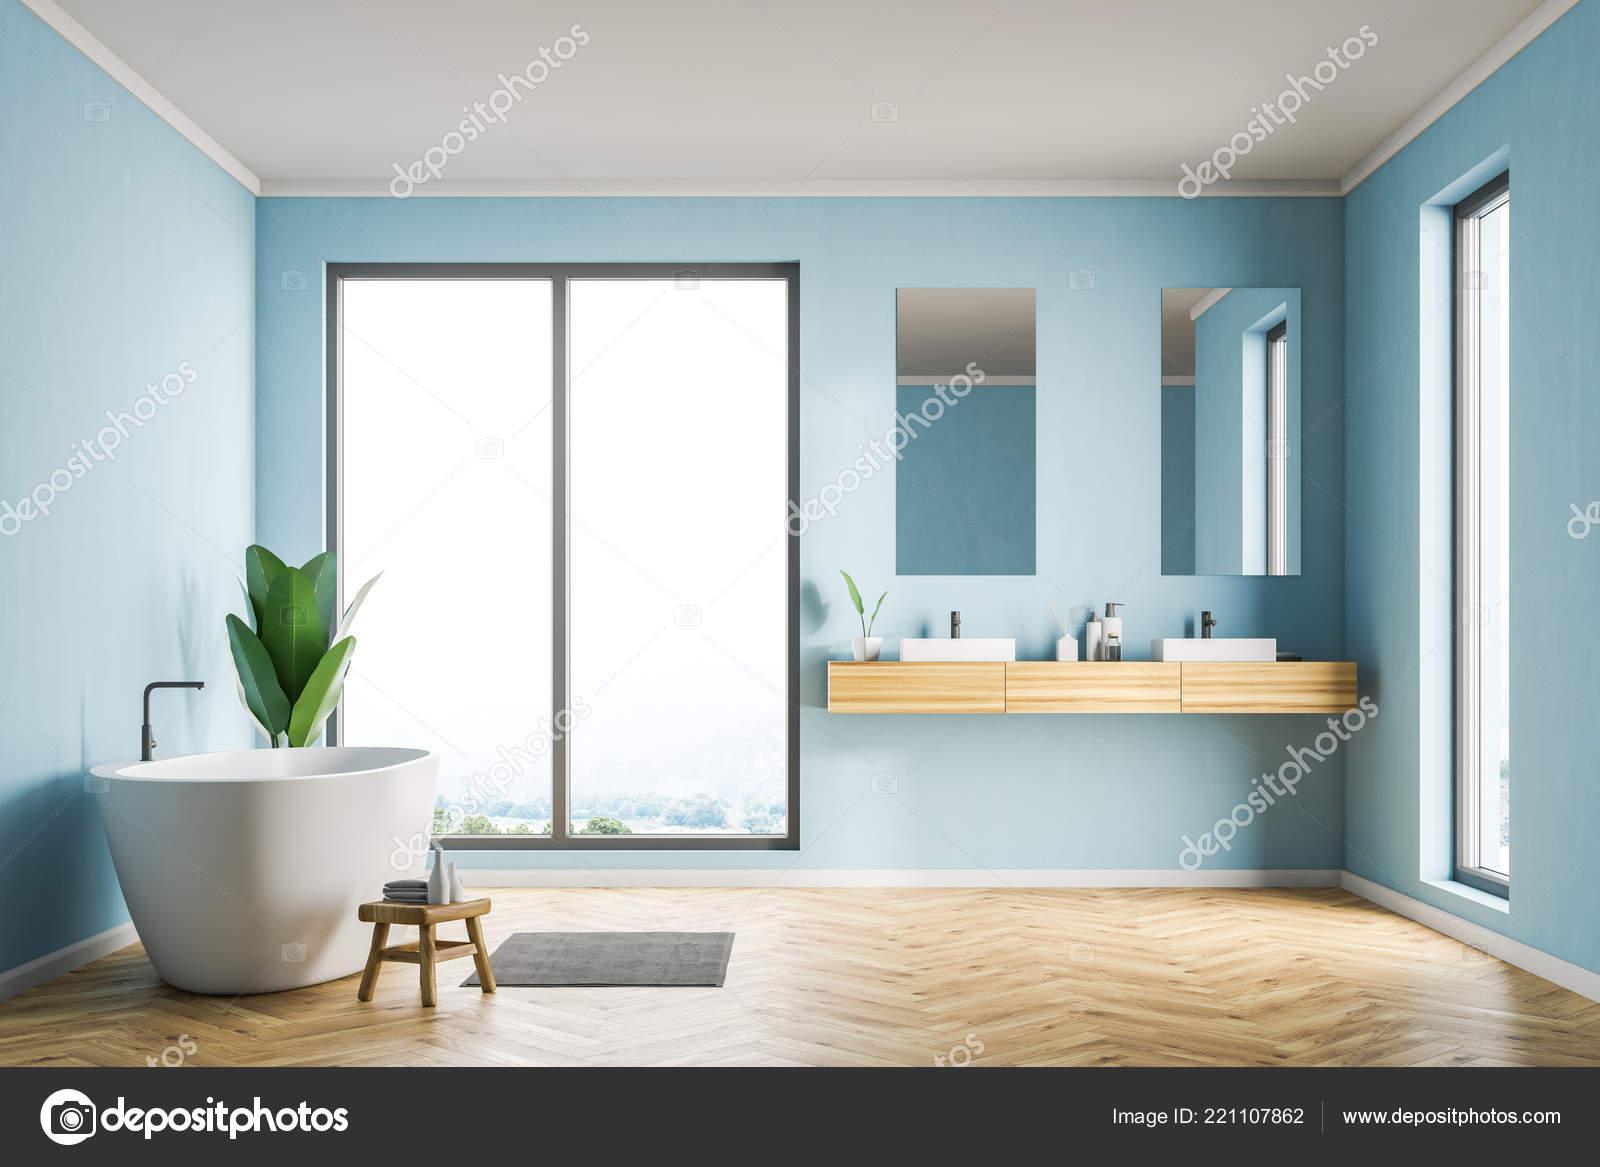 Vasca Da Bagno Verticale : Interno bagno sottotetto con pareti blu pavimento legno vasca